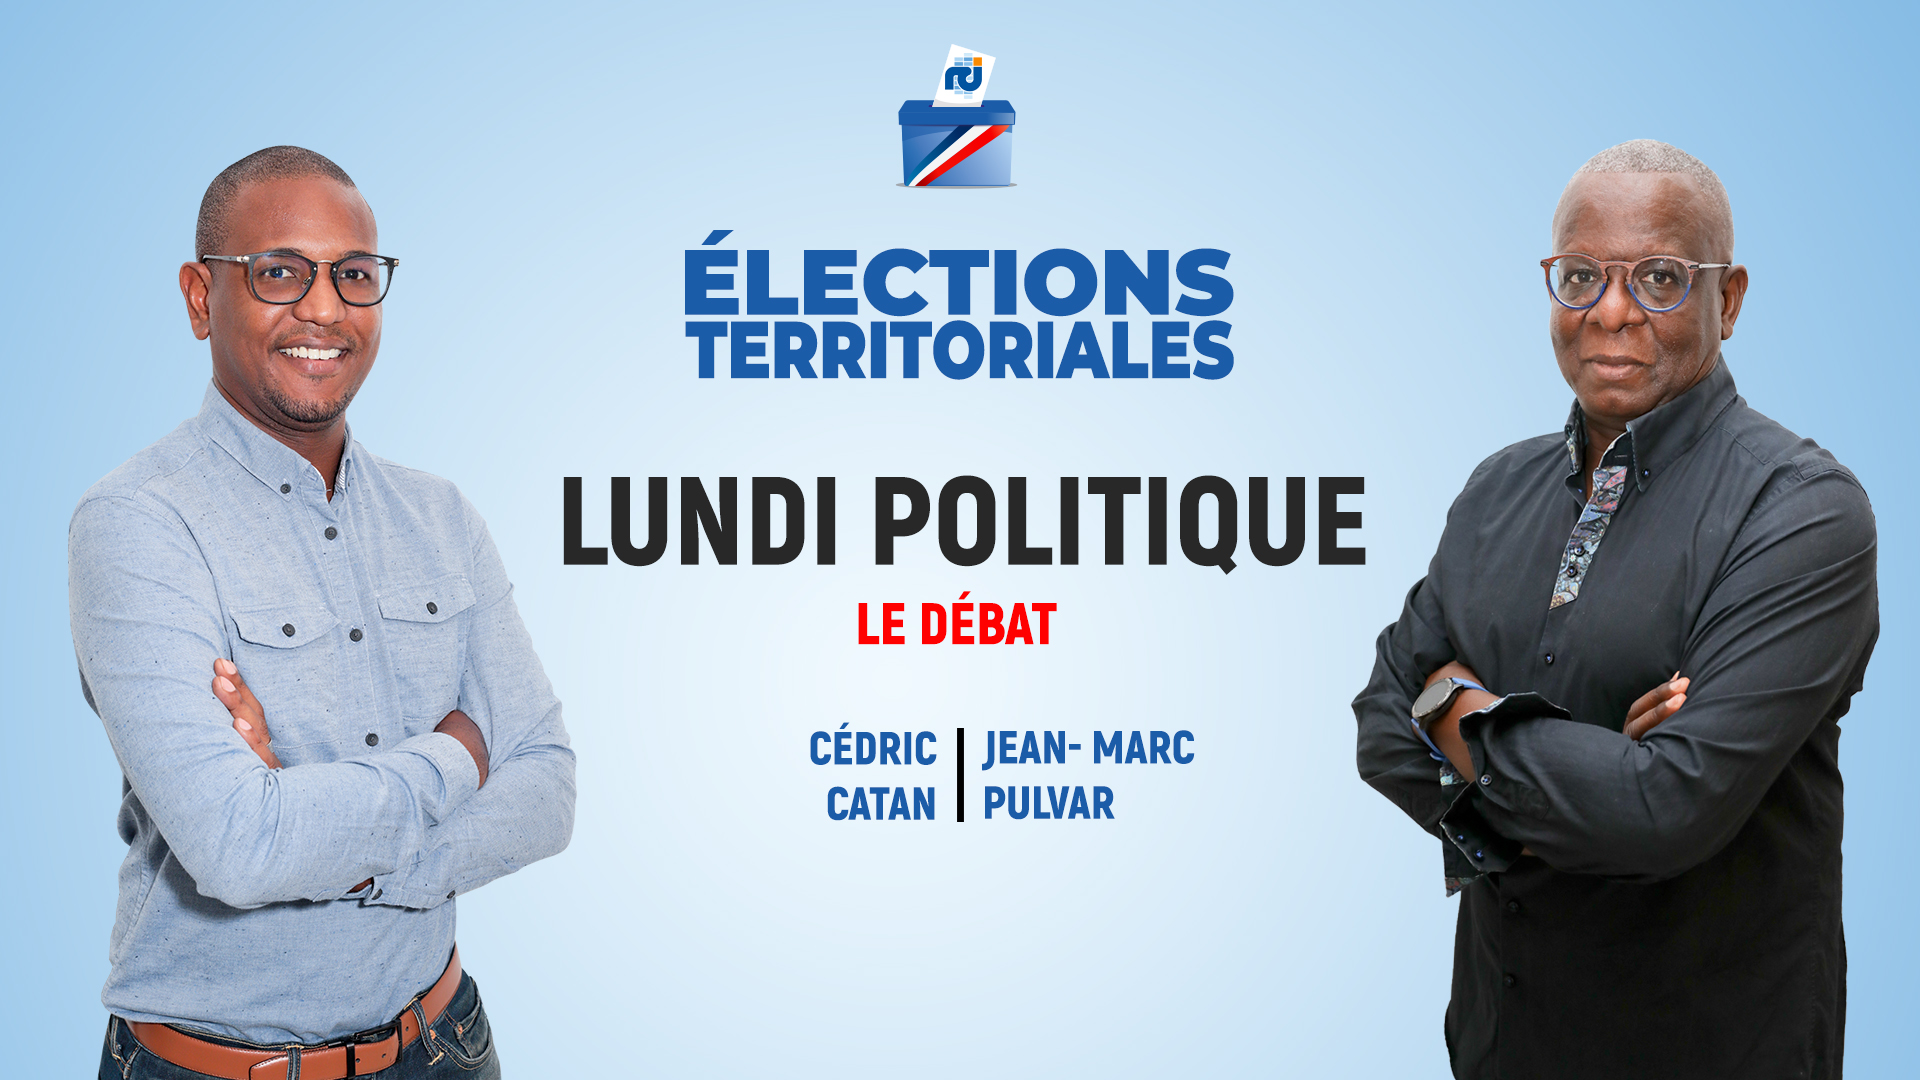 [LIVE]Territoriales 2021 : suivez le débat de Lundi Politique